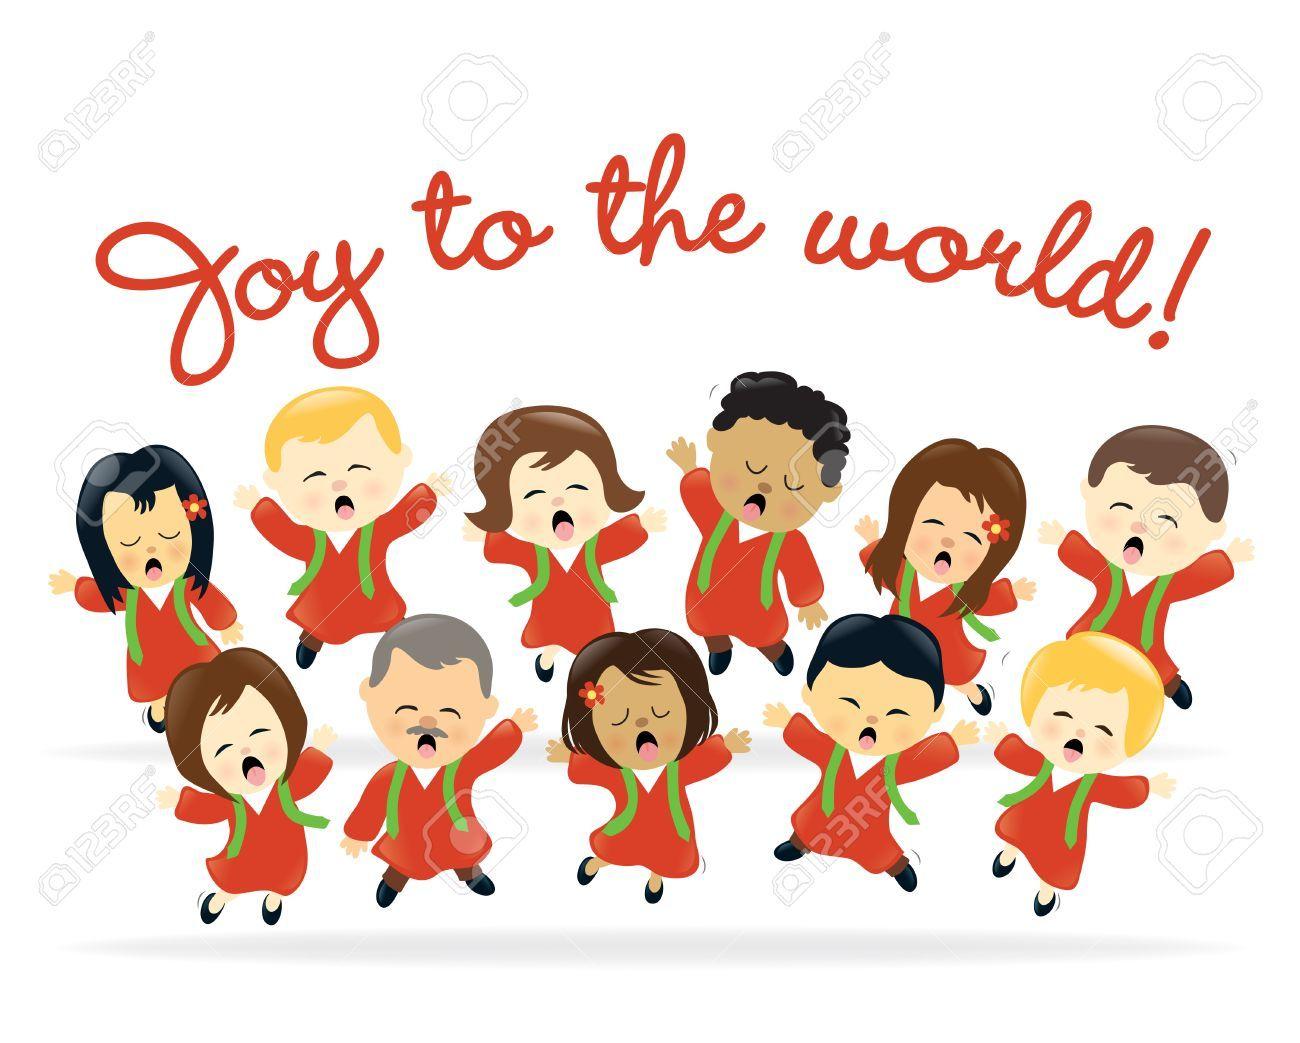 Christmas choir clipart free 6 » Clipart Portal.